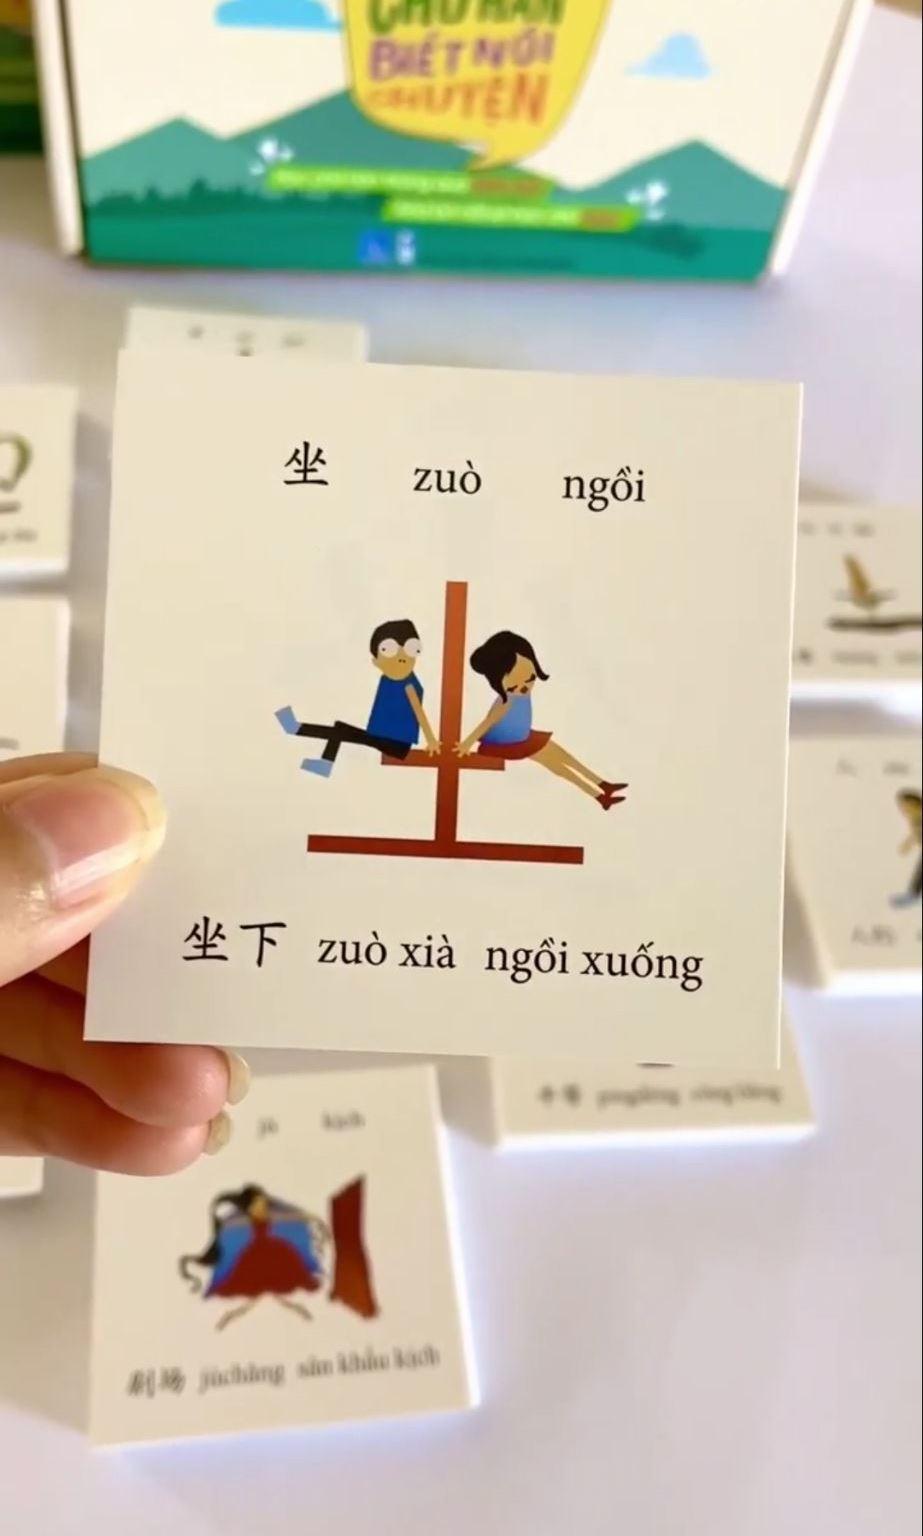 Flashcard tiếng Trung - Bộ 1500 thẻ học từ vựng tiếng Trung thông minh có dịch nghĩa có hình ảnh thông dụng nhất